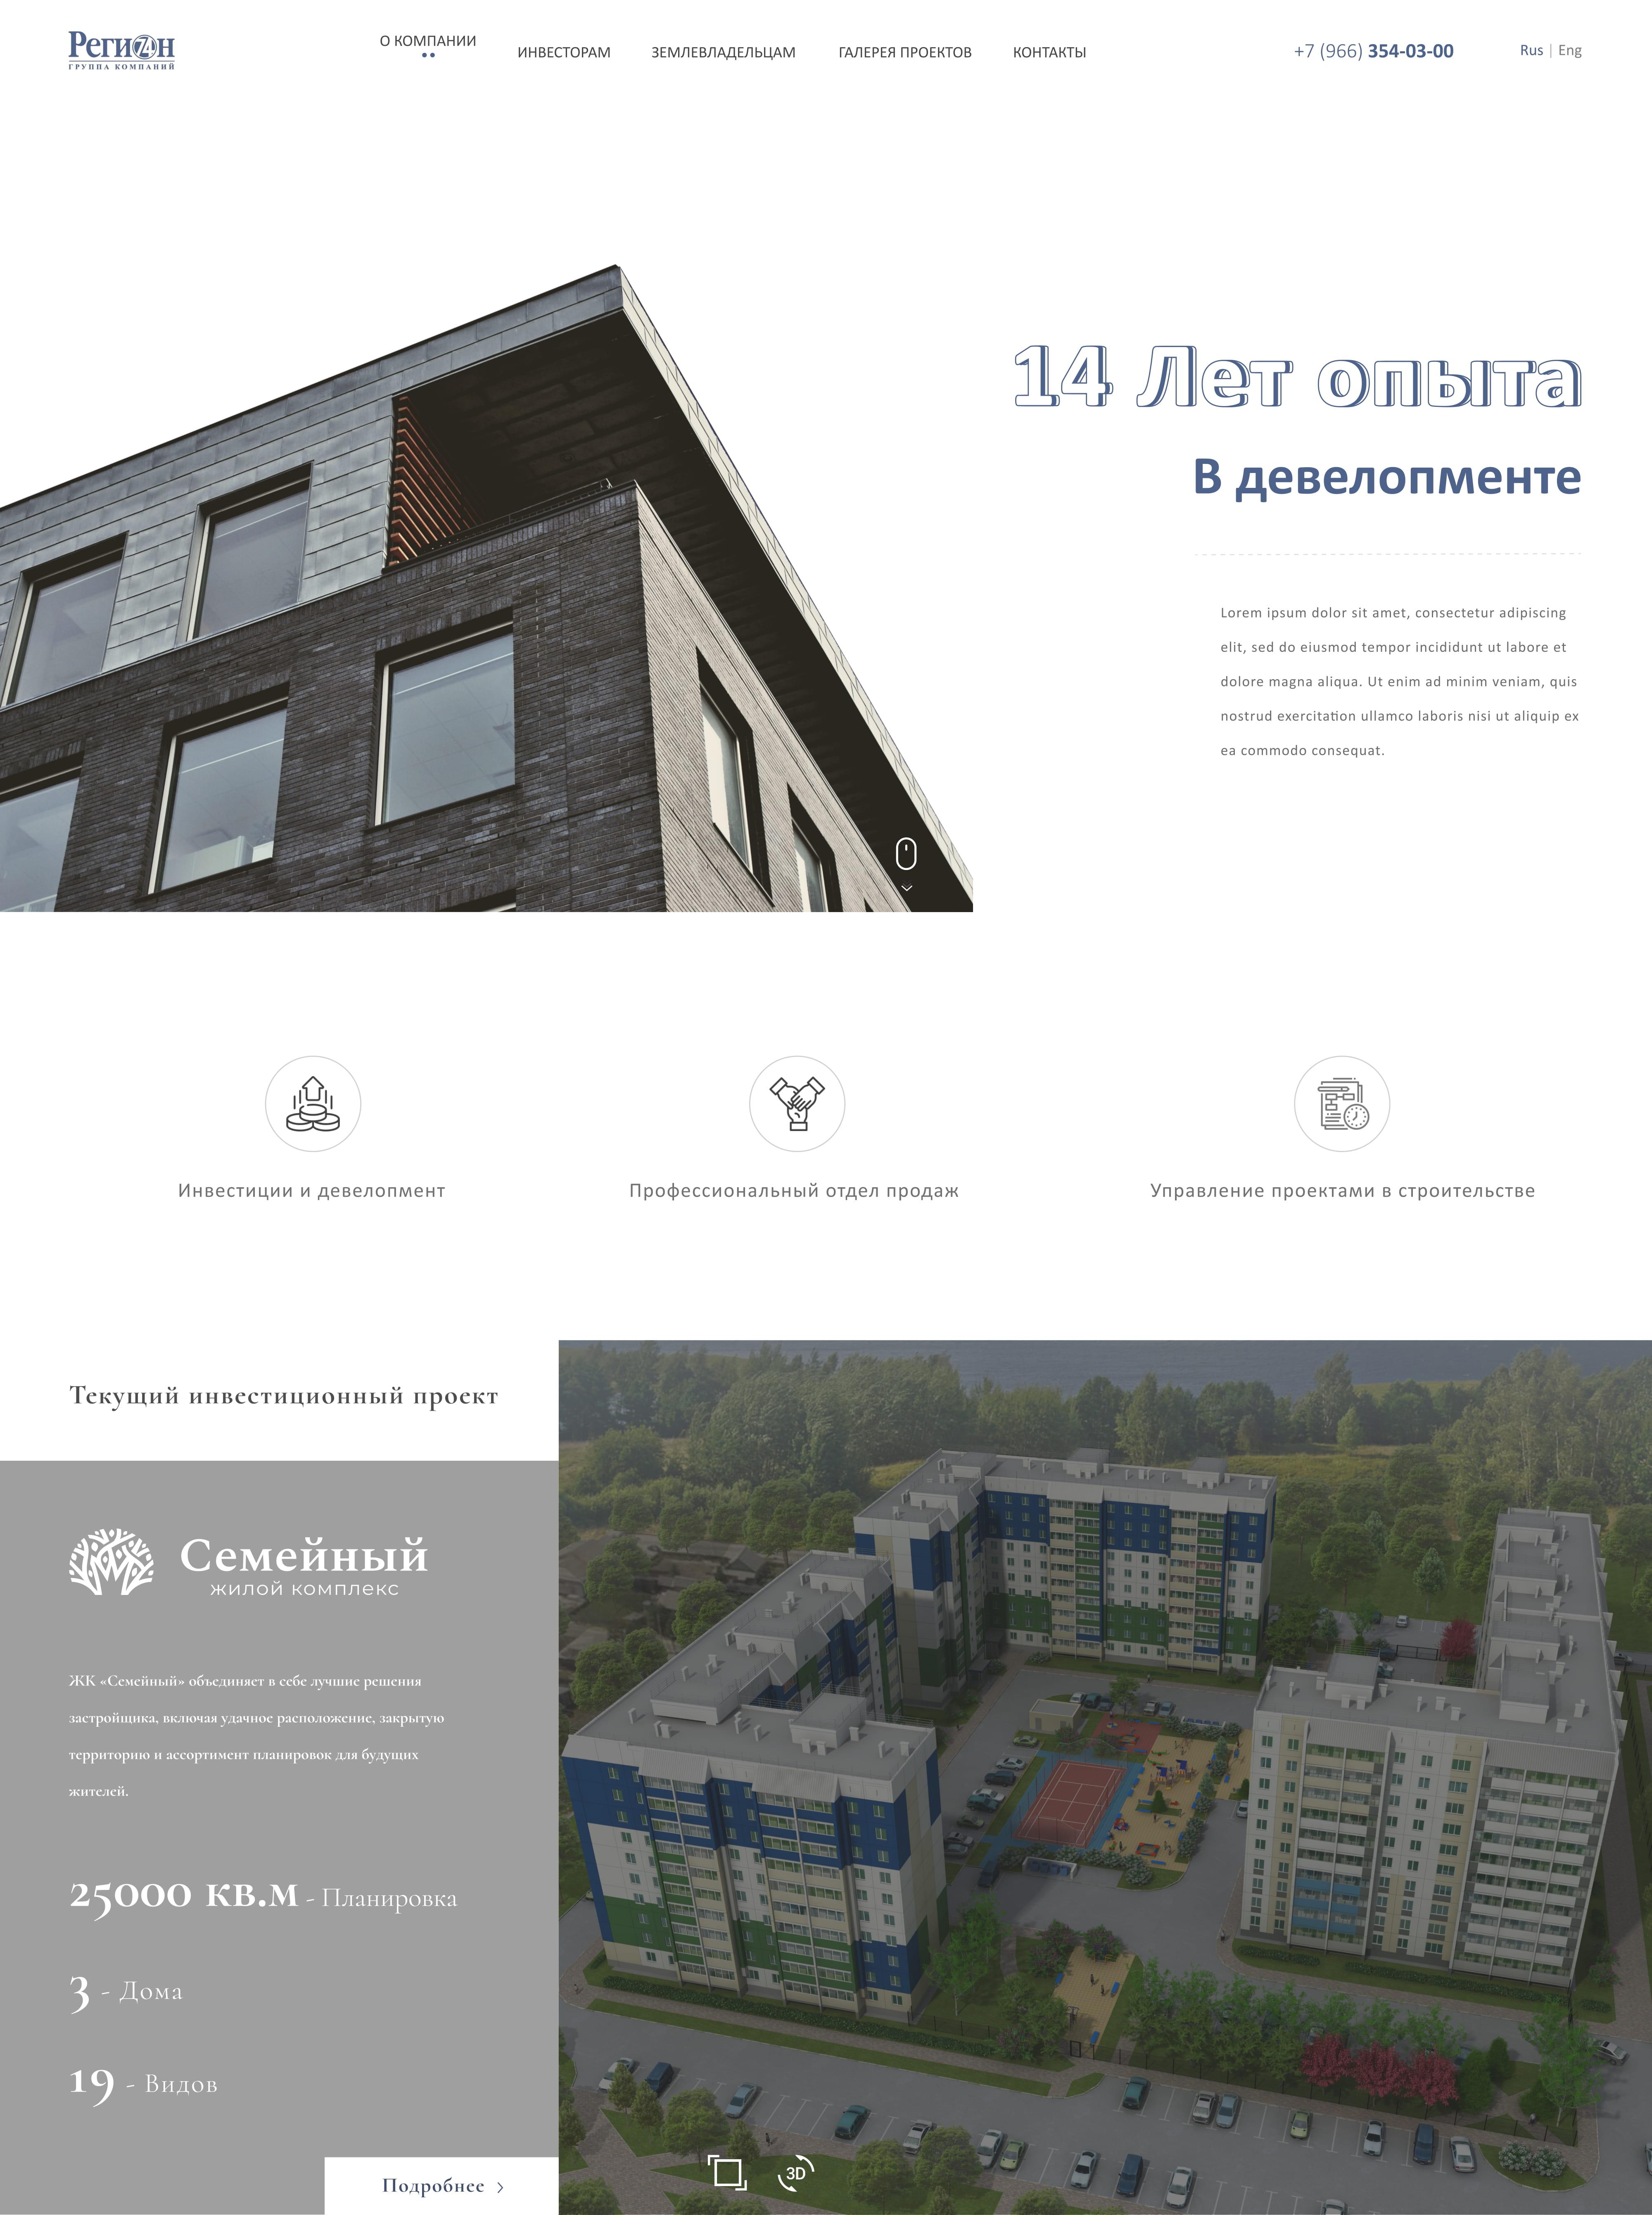 Дизайн двух страниц сайта фото f_9545f2c6077357dc.jpg